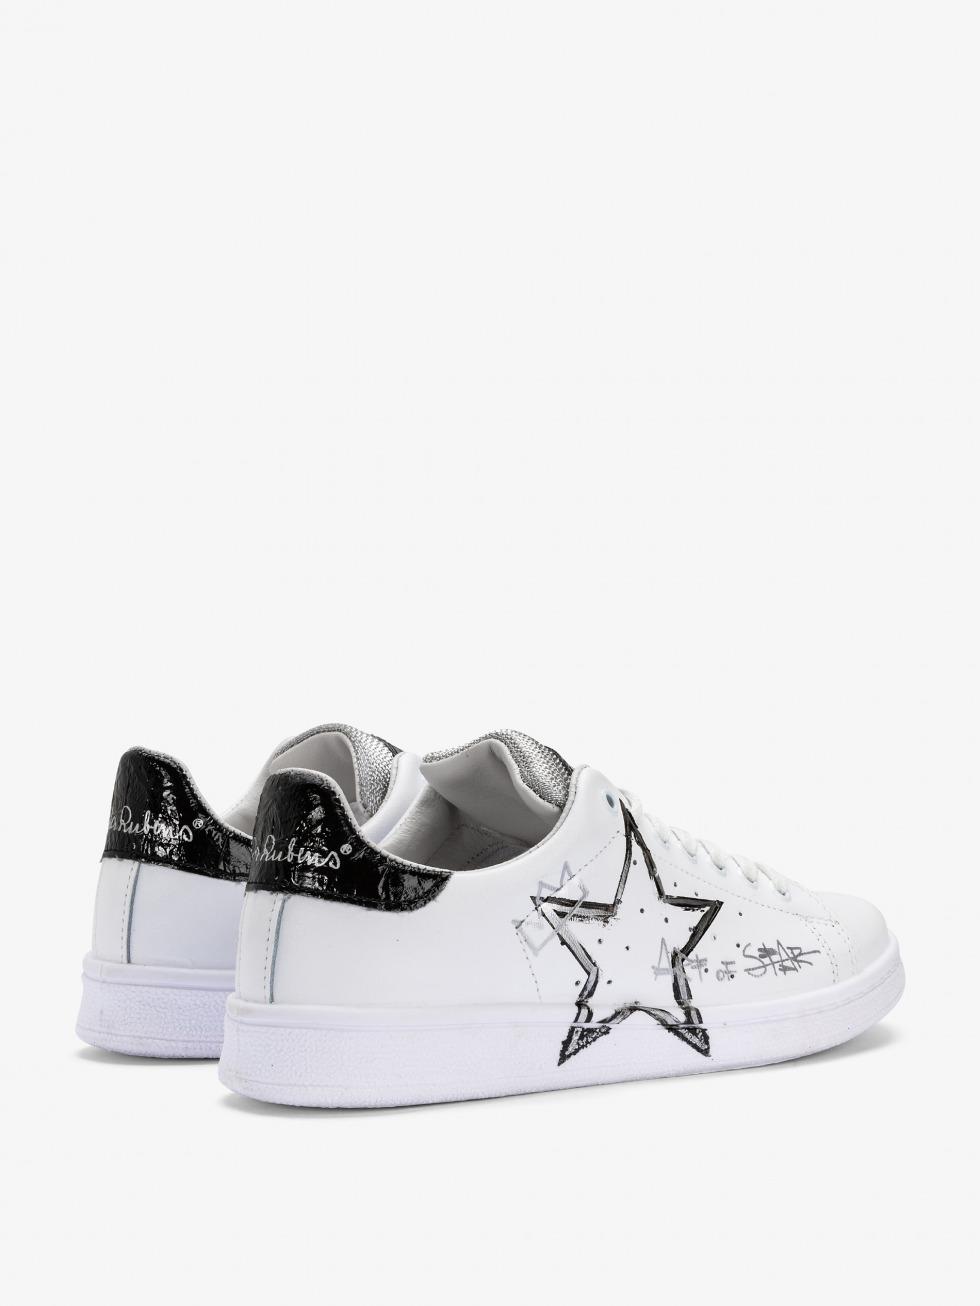 Sneakers da donna sporty-chic -  Daiquiri